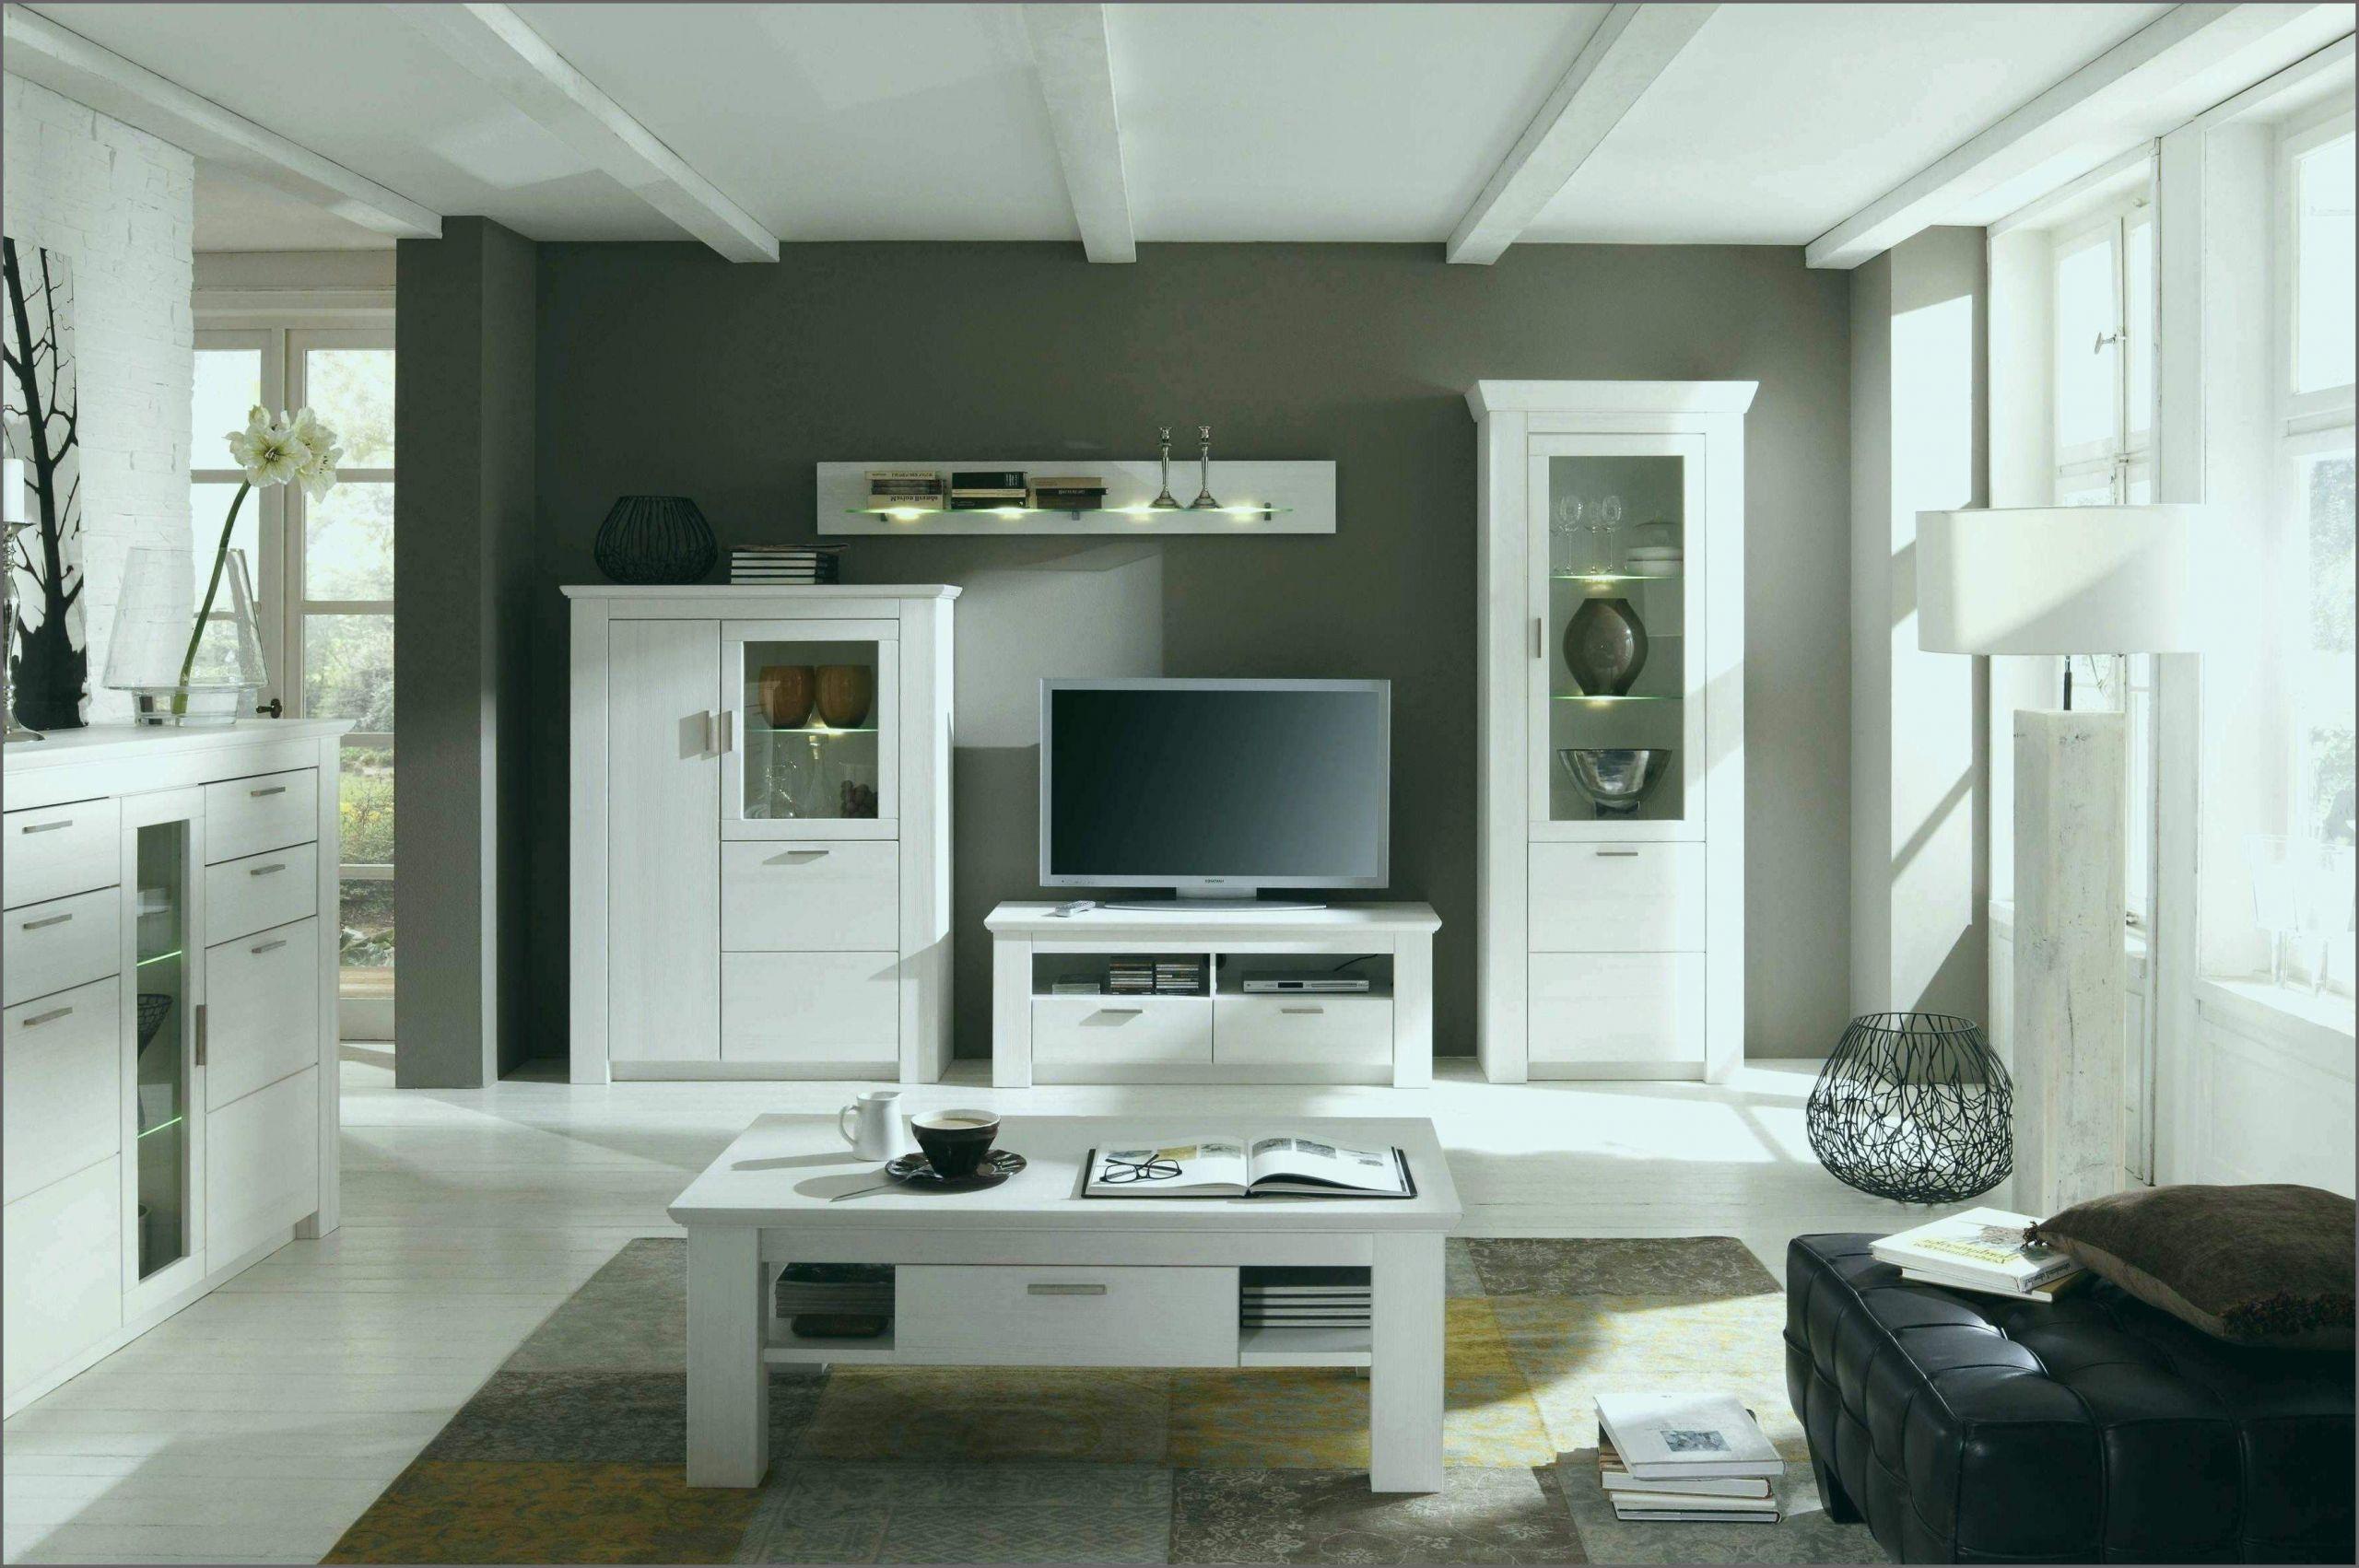 wohnzimmer diy schon 30 exklusiv und wunderbar regalsysteme wohnzimmer holz of wohnzimmer diy